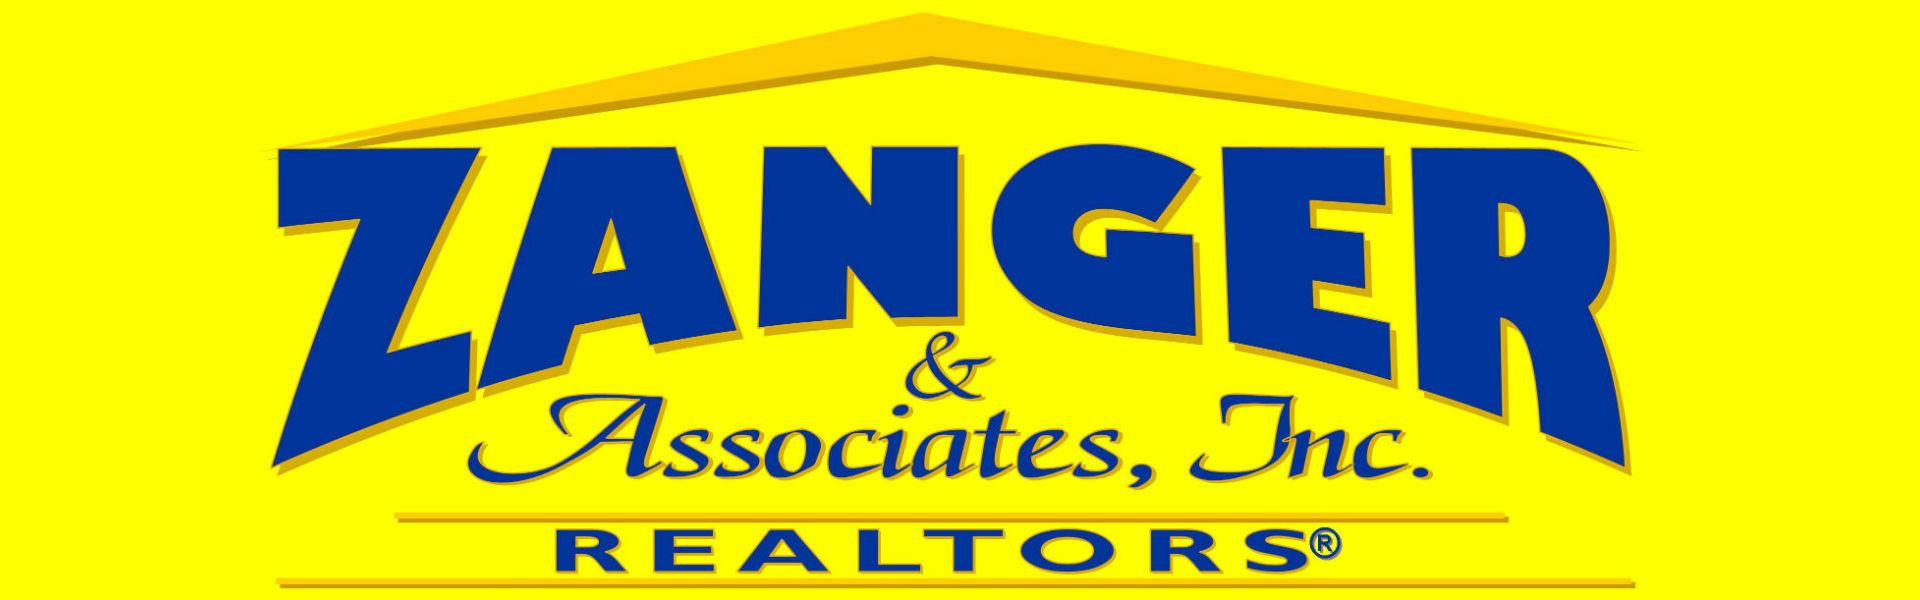 zanger logo